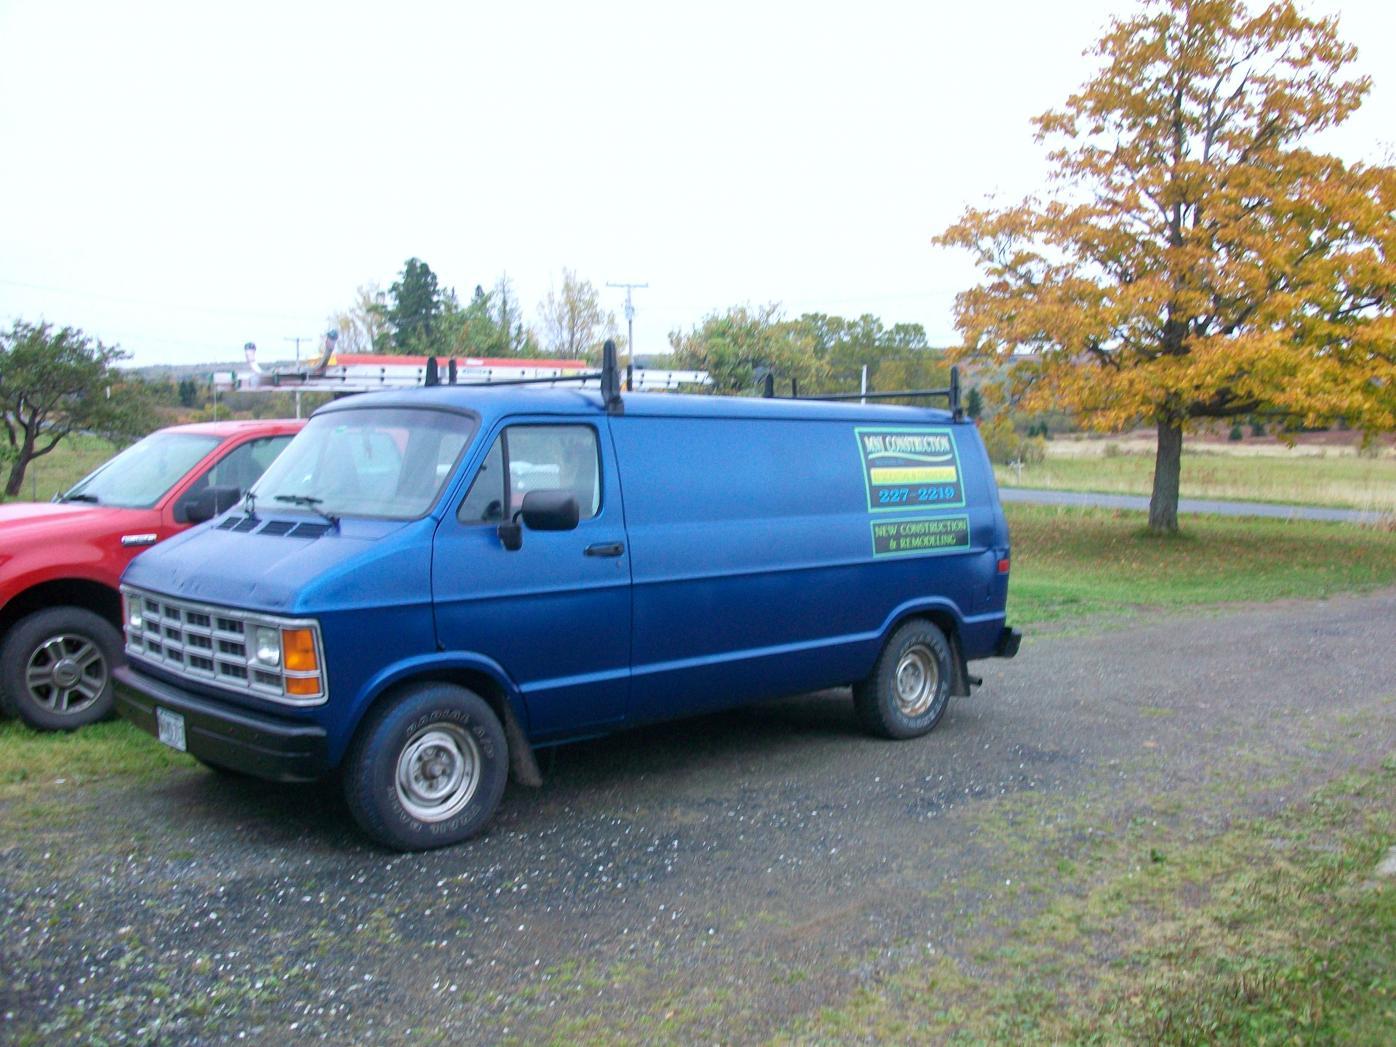 Post your work truck/van thread-100_0419.jpg